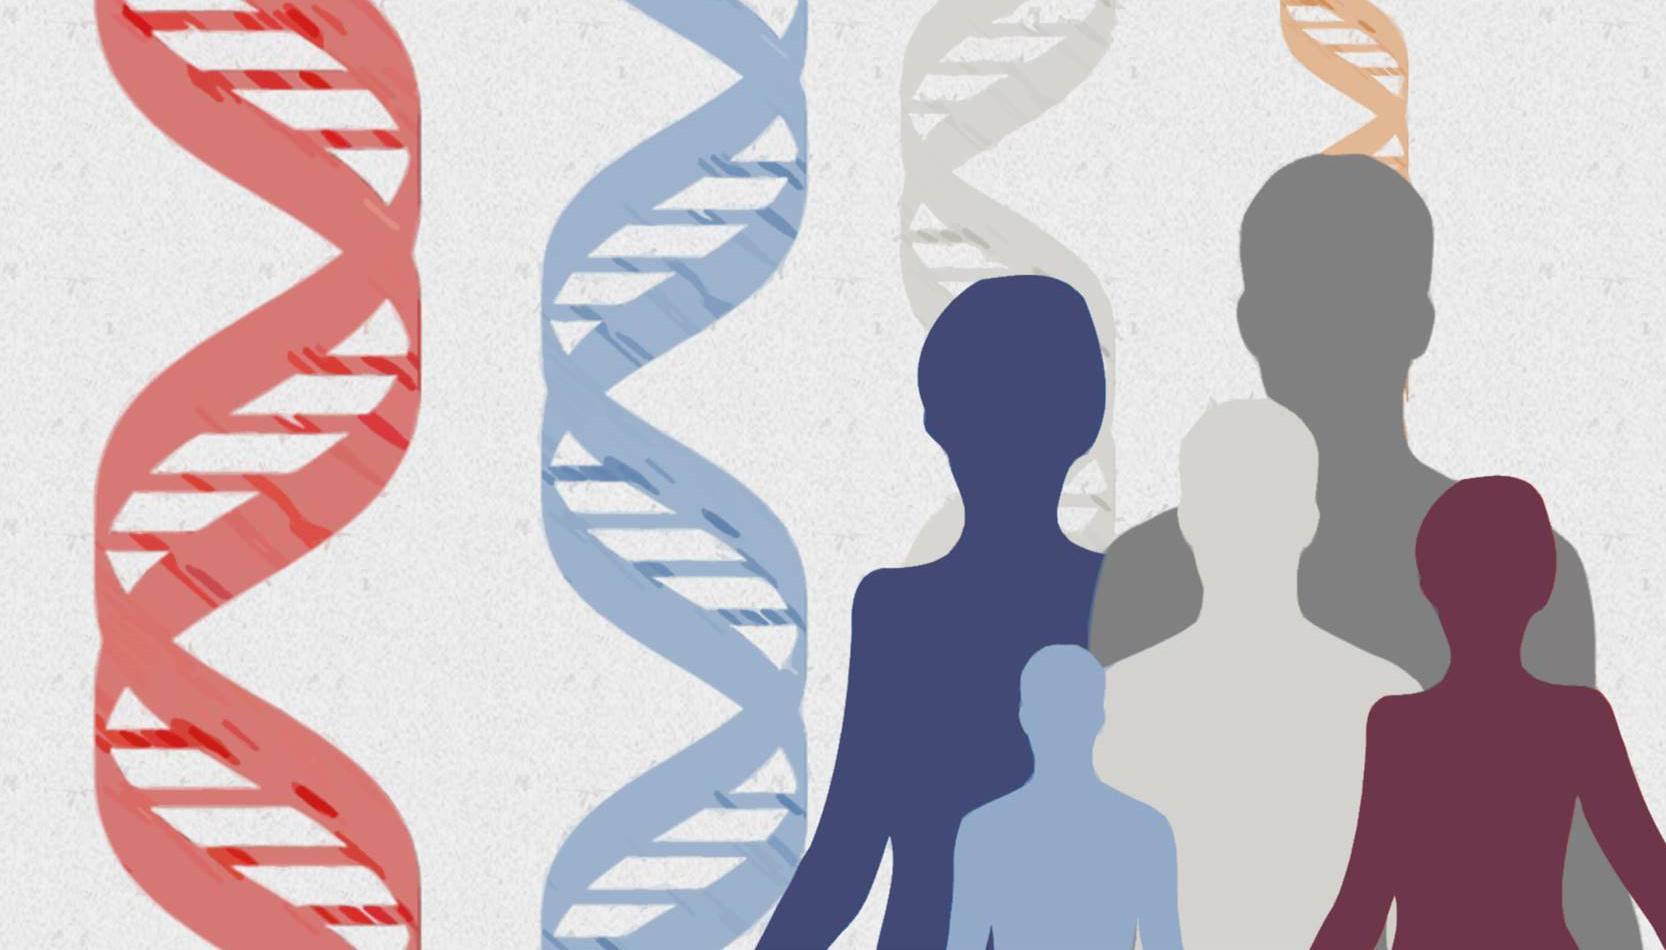 Ученые нашли самый мощный ген роста из всех известных